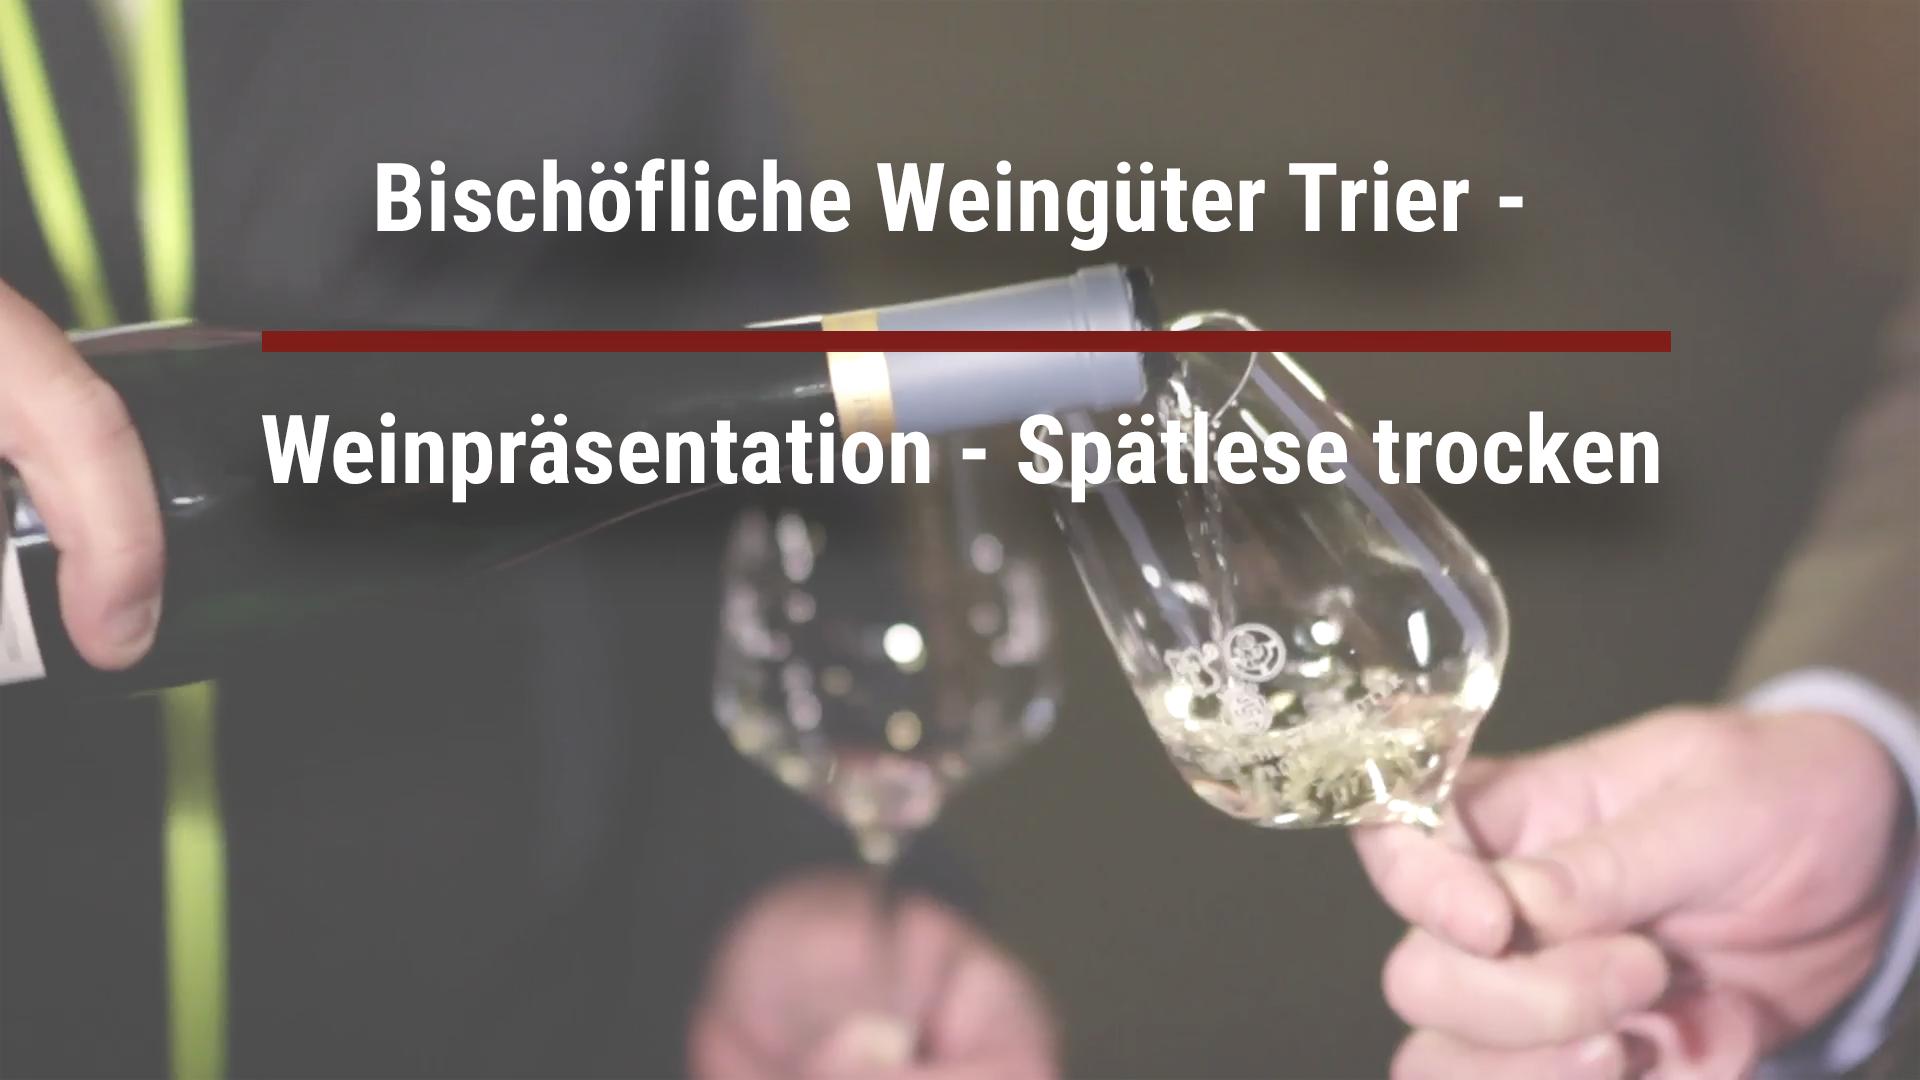 Bischöfliche Weingüter Trier – Weinpräsentation – Spätlese trocken